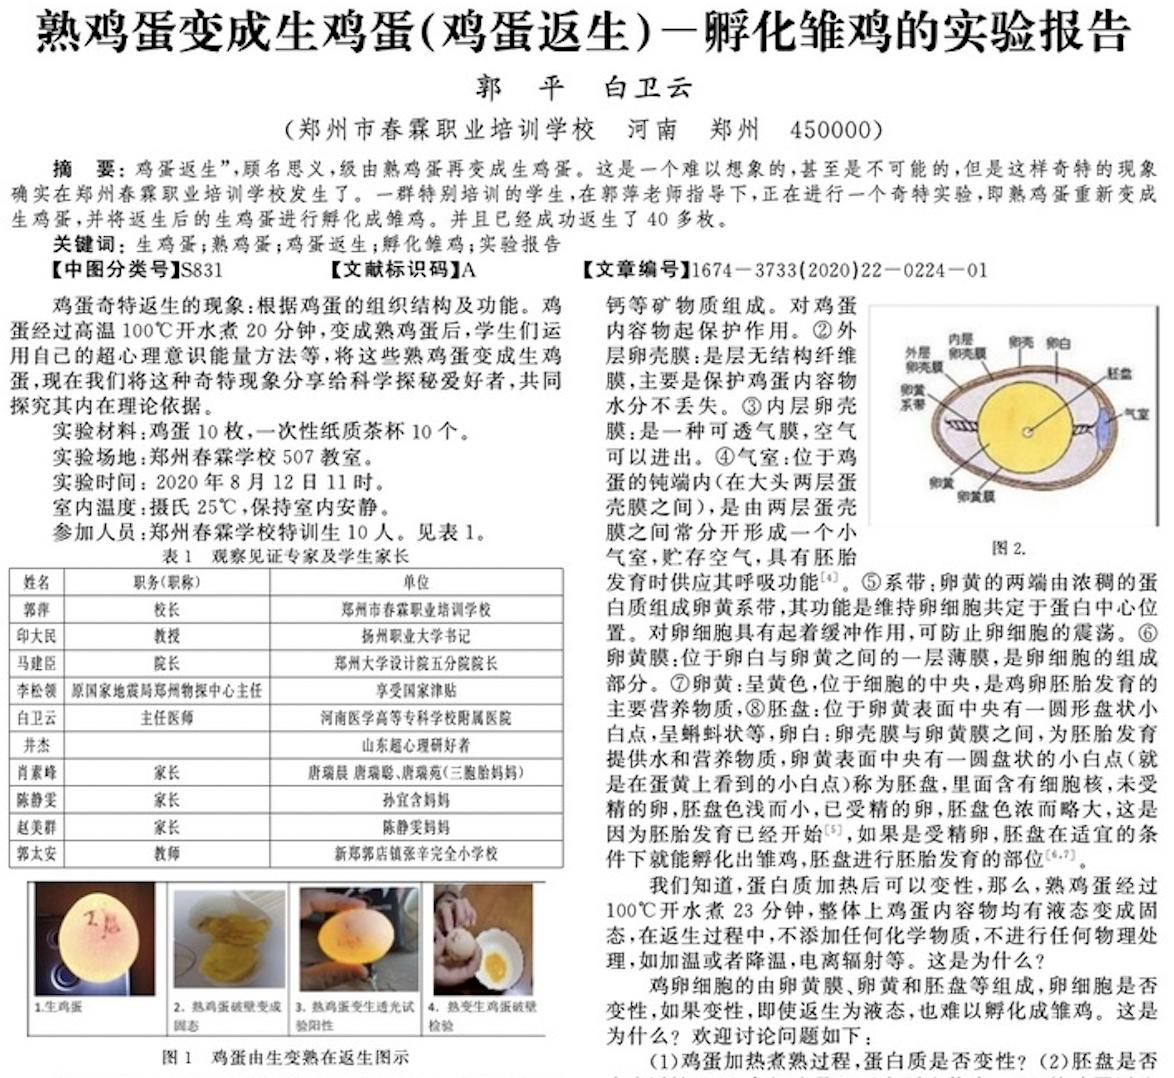 Makalah berisi foto telur yang katanya sudah mentah lagi. Foto: Zhihu